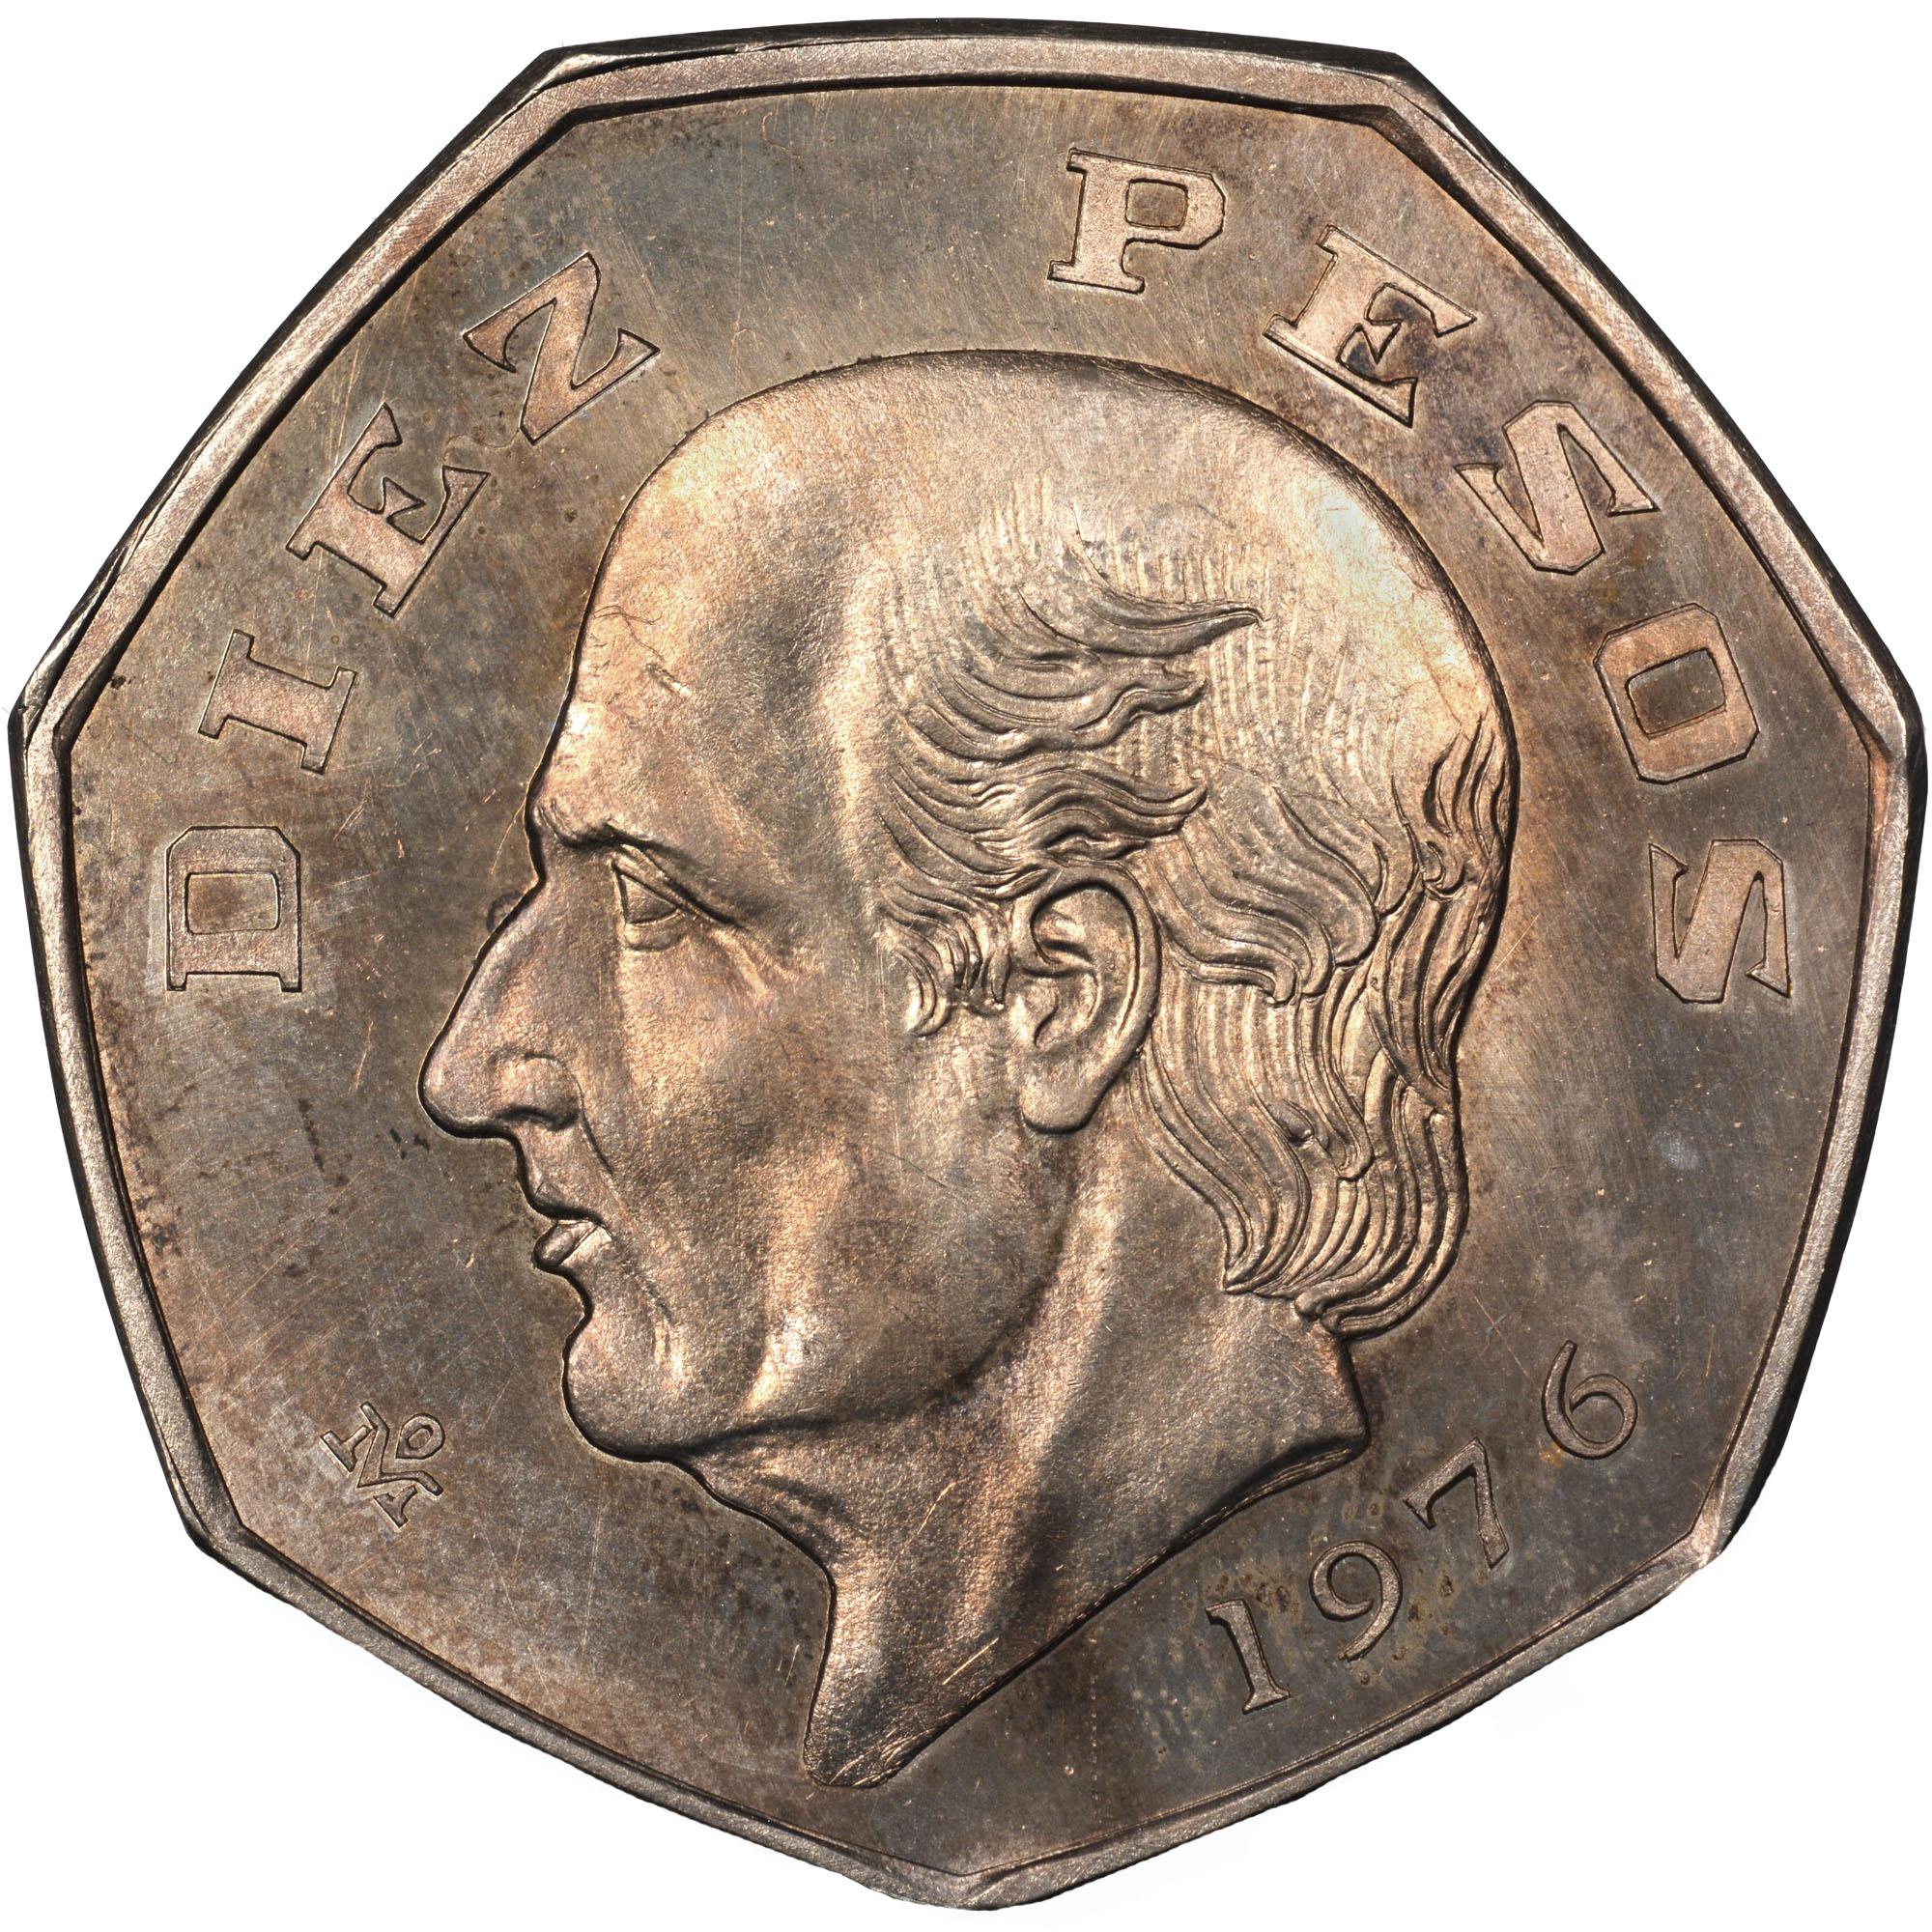 Mexico Estados Unidos Mexicanos 10 Pesos Km 477 1 Prices